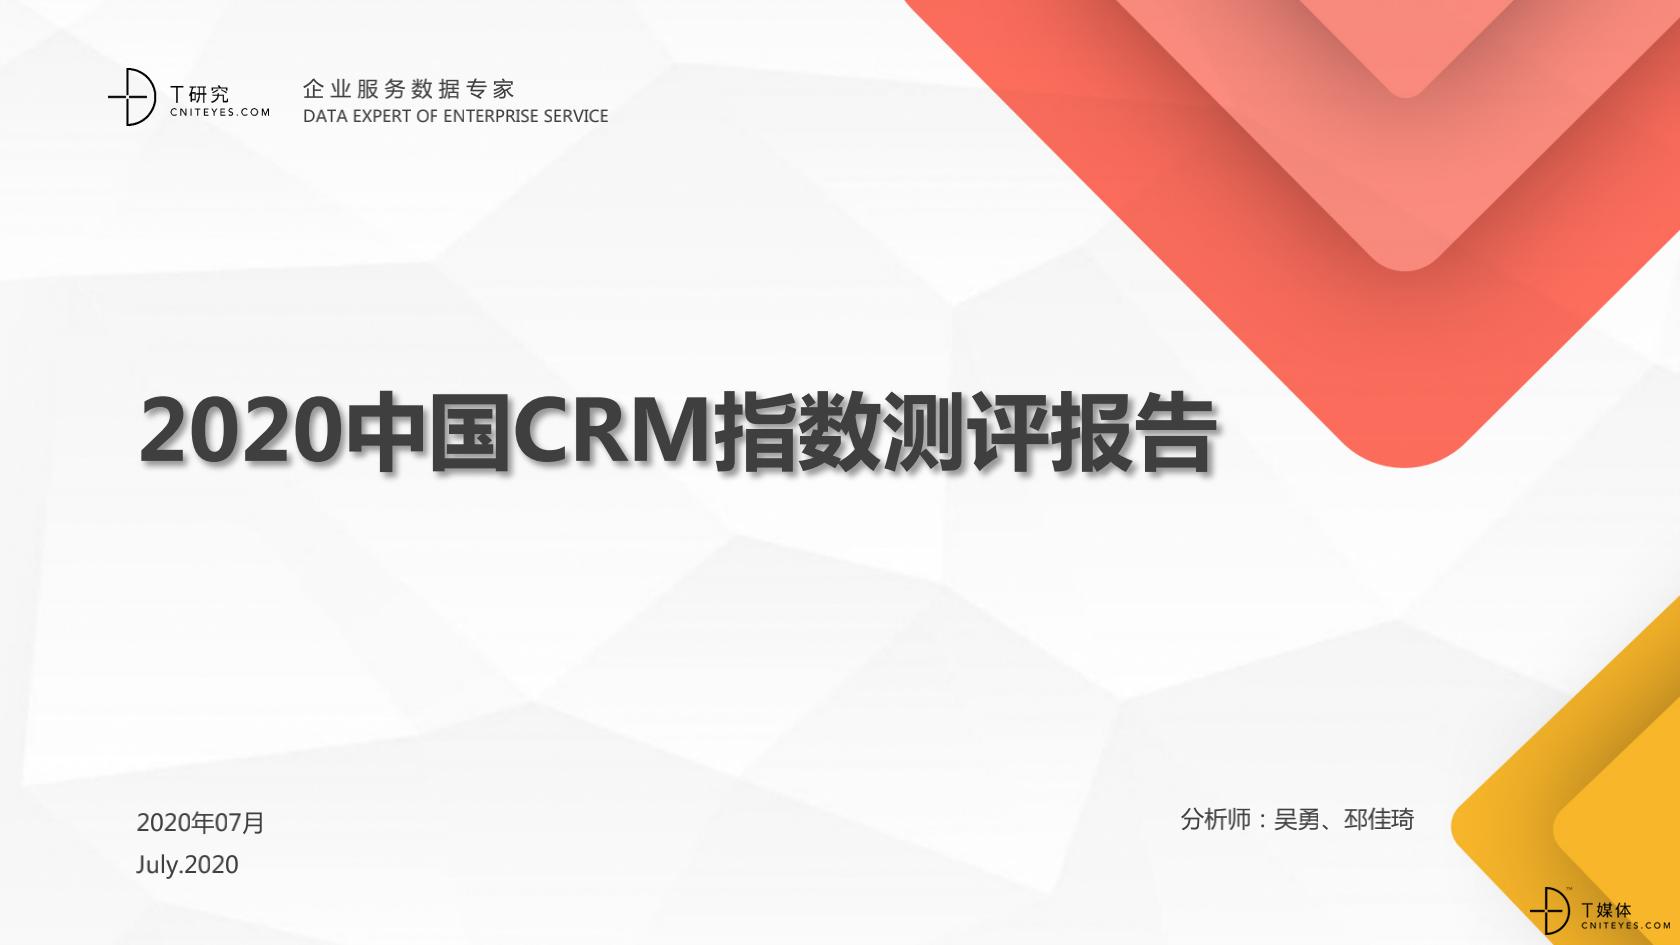 2_2020中国CRM指数测评报告v1.5_00.png